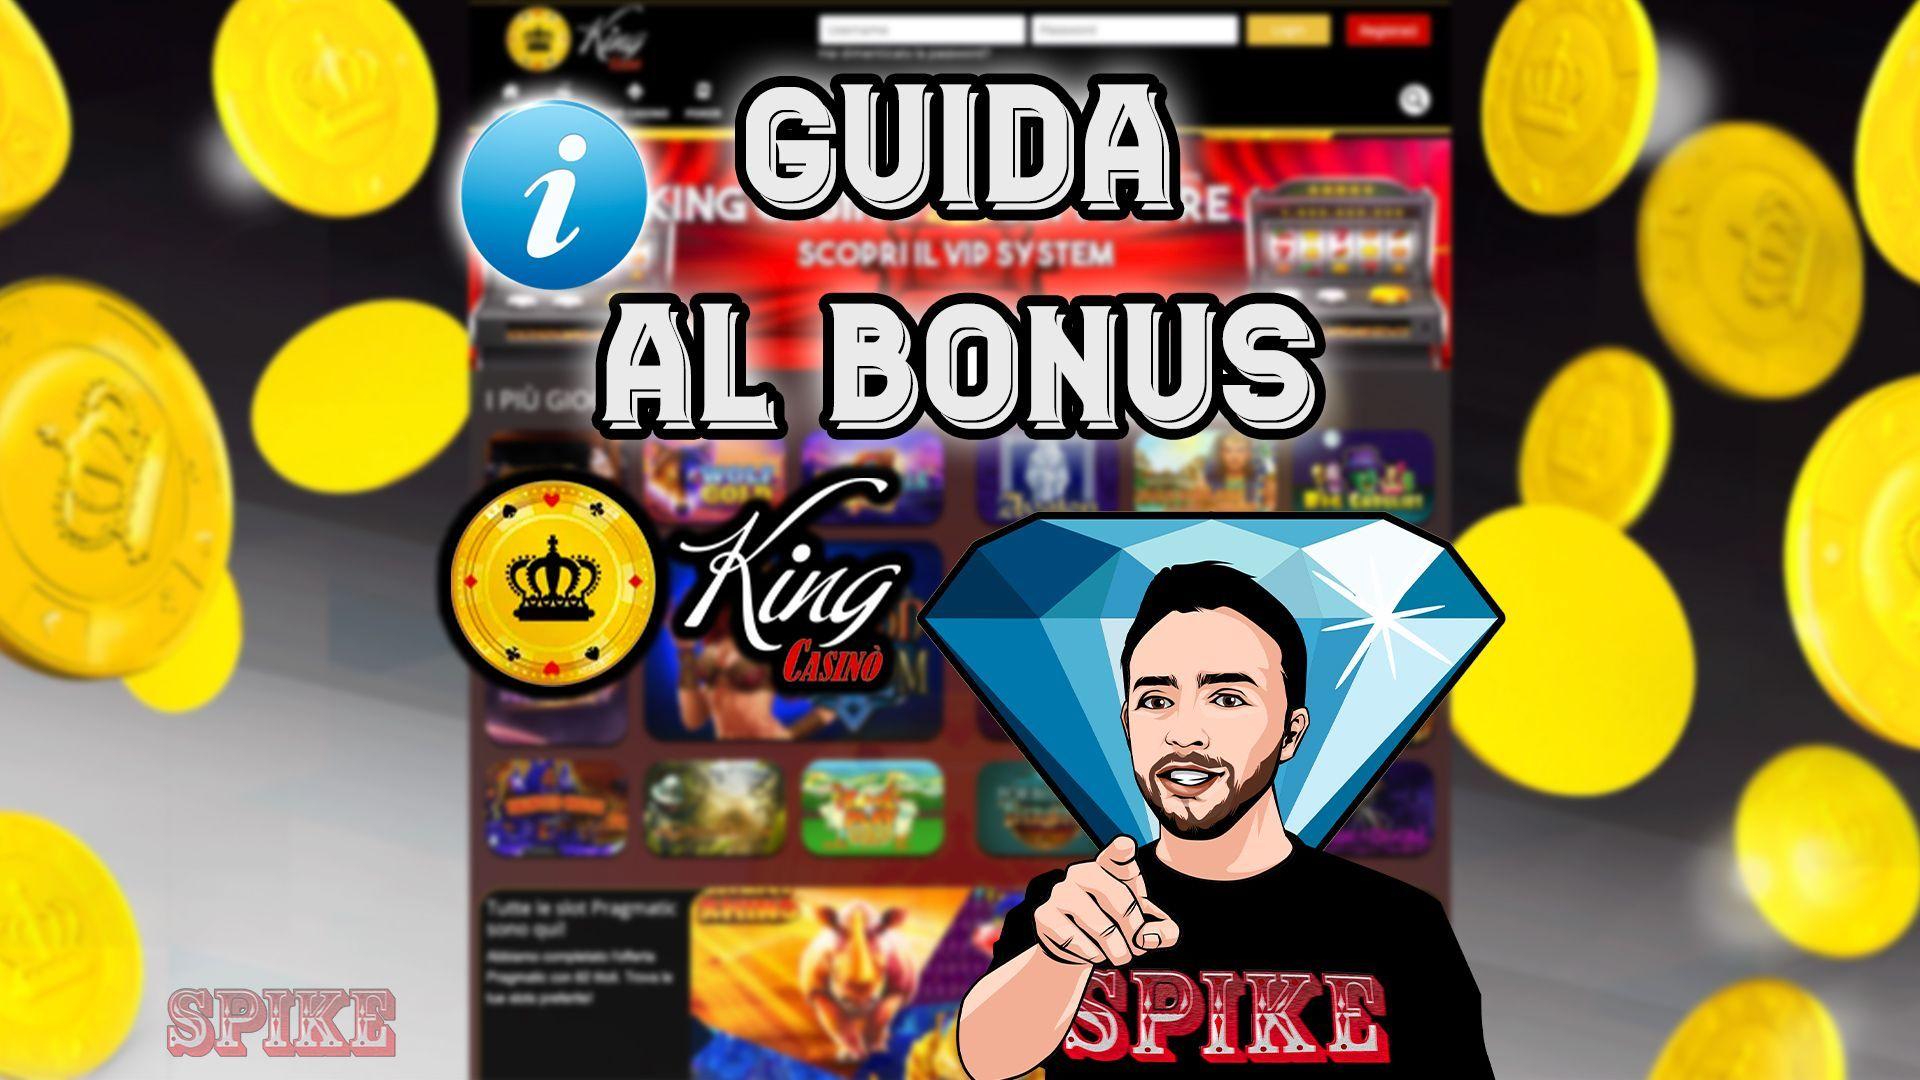 Guida Bonus King Casino Logo